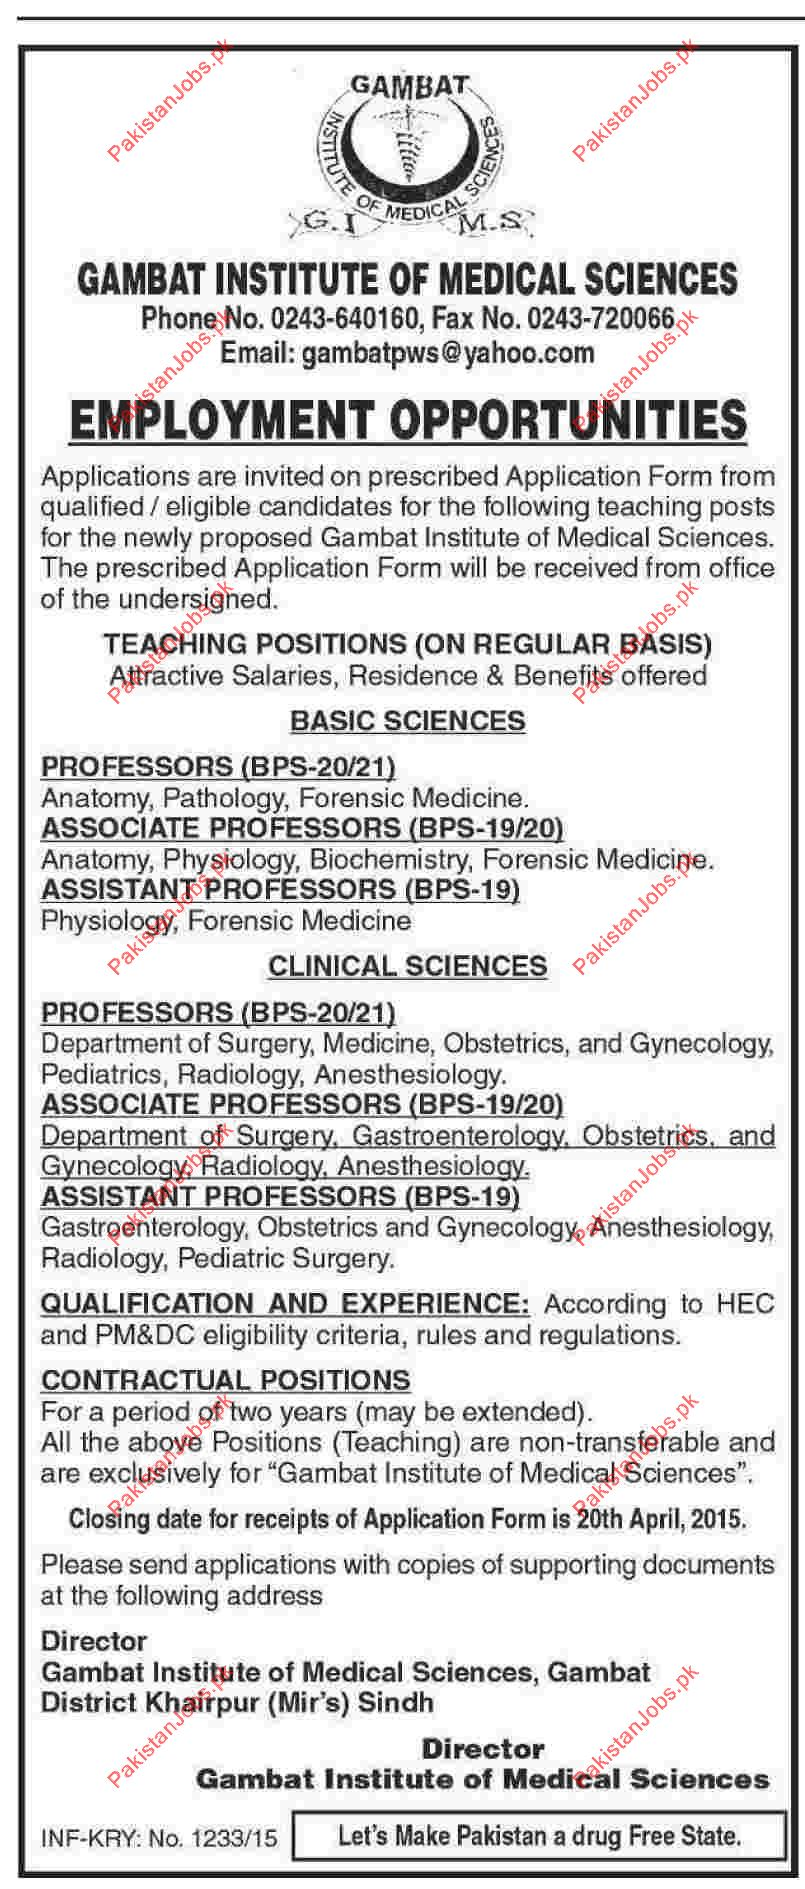 Encantador Anatomy And Physiology Professor Salary Ilustración ...